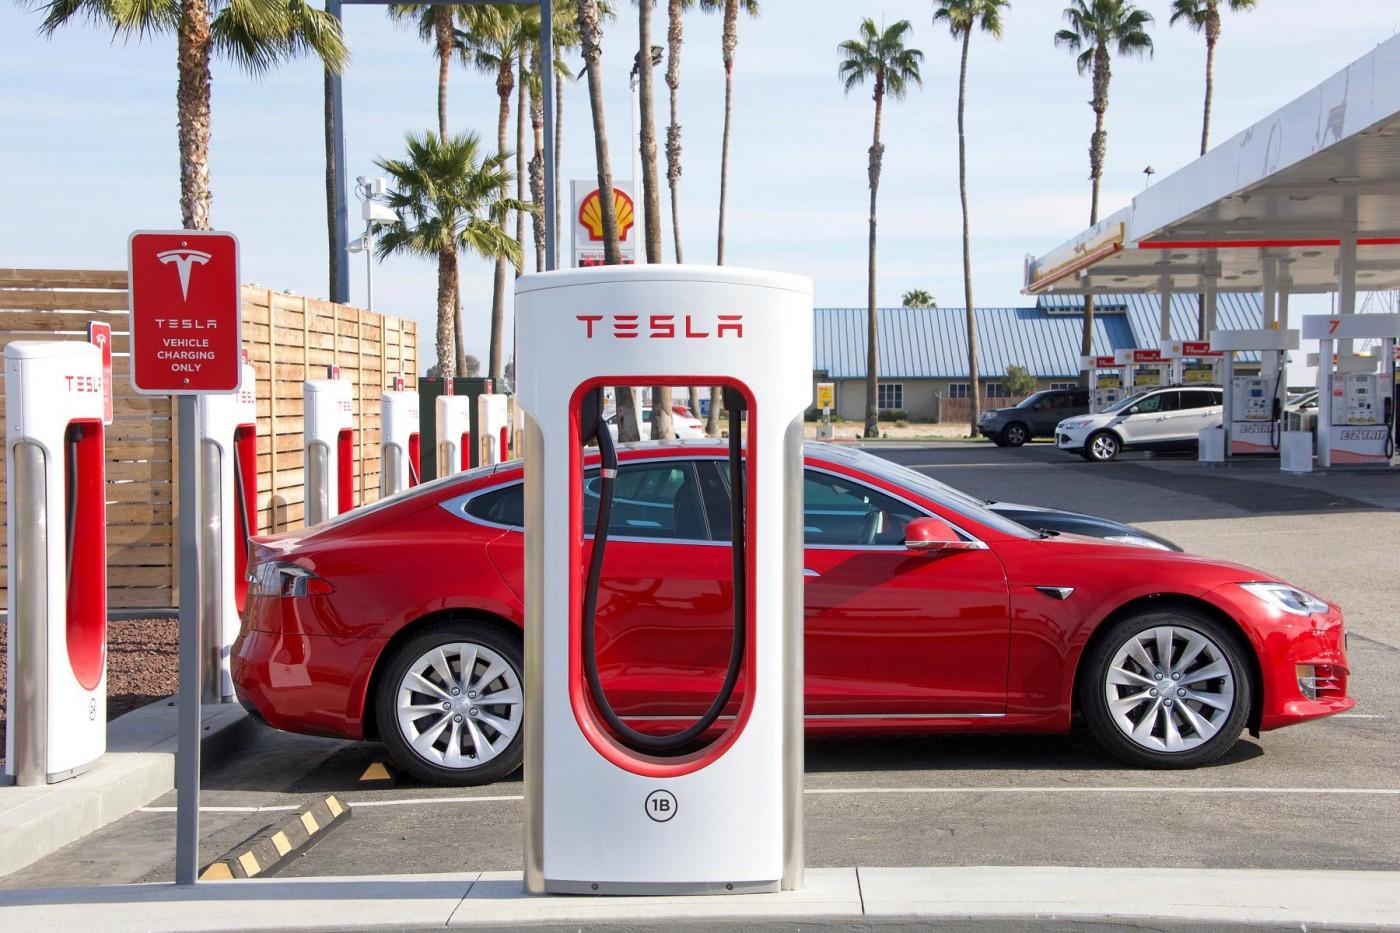 特斯拉將調整全球超級充電站充電價格,車主錯愕